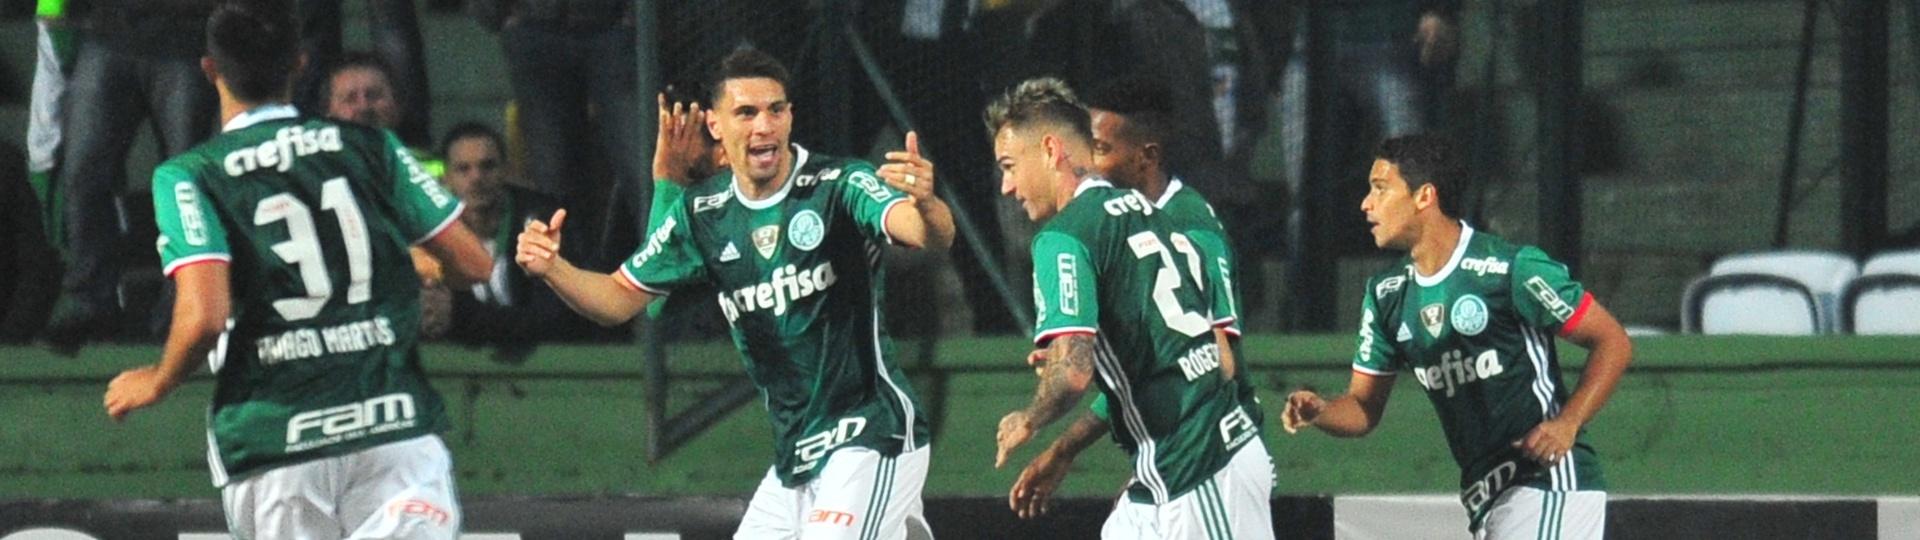 Palmeiras comemora gol contra o Coritiba